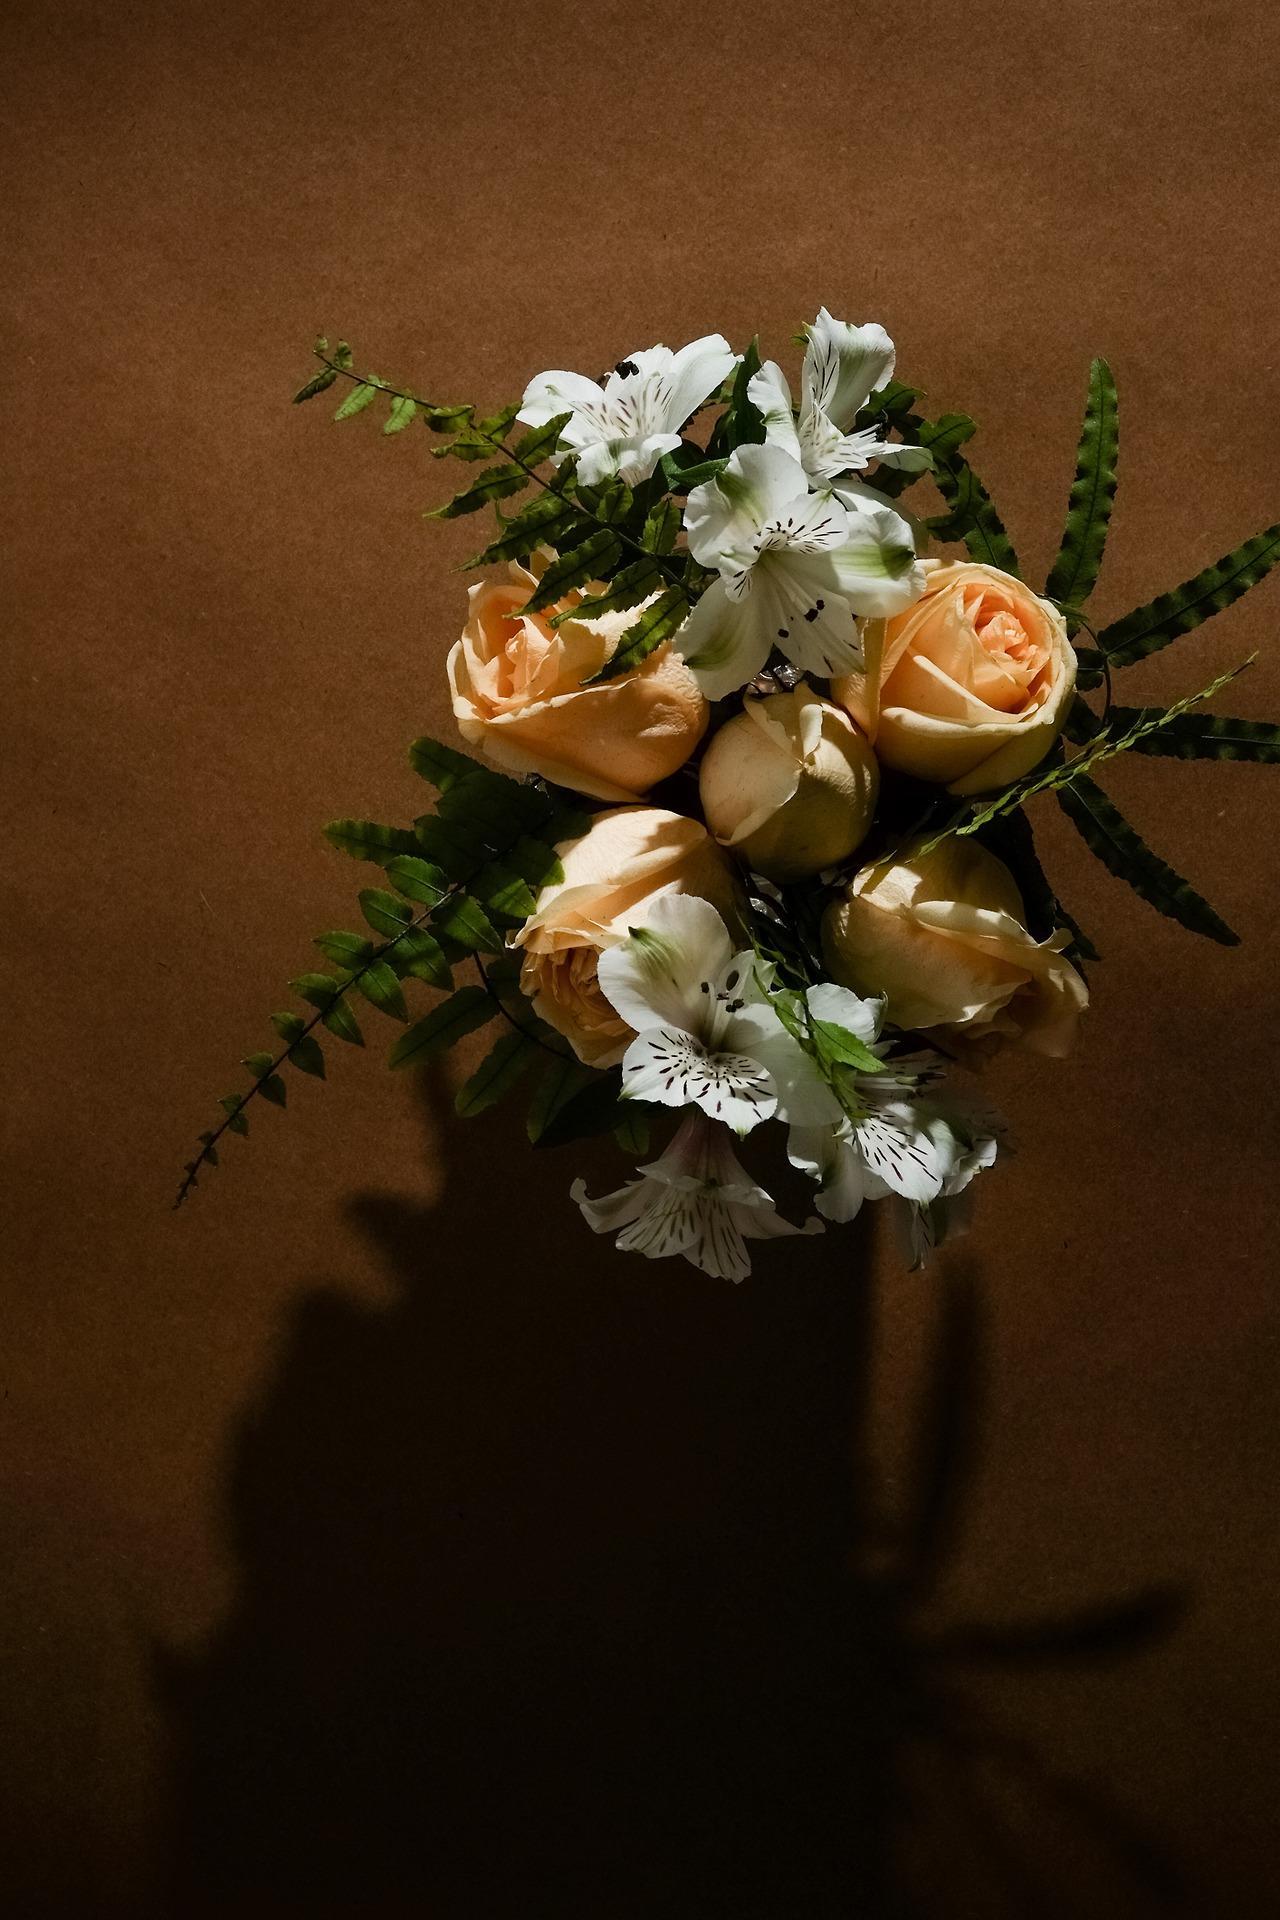 Mugs, Flowers & Orange Cake - image 1 - student project